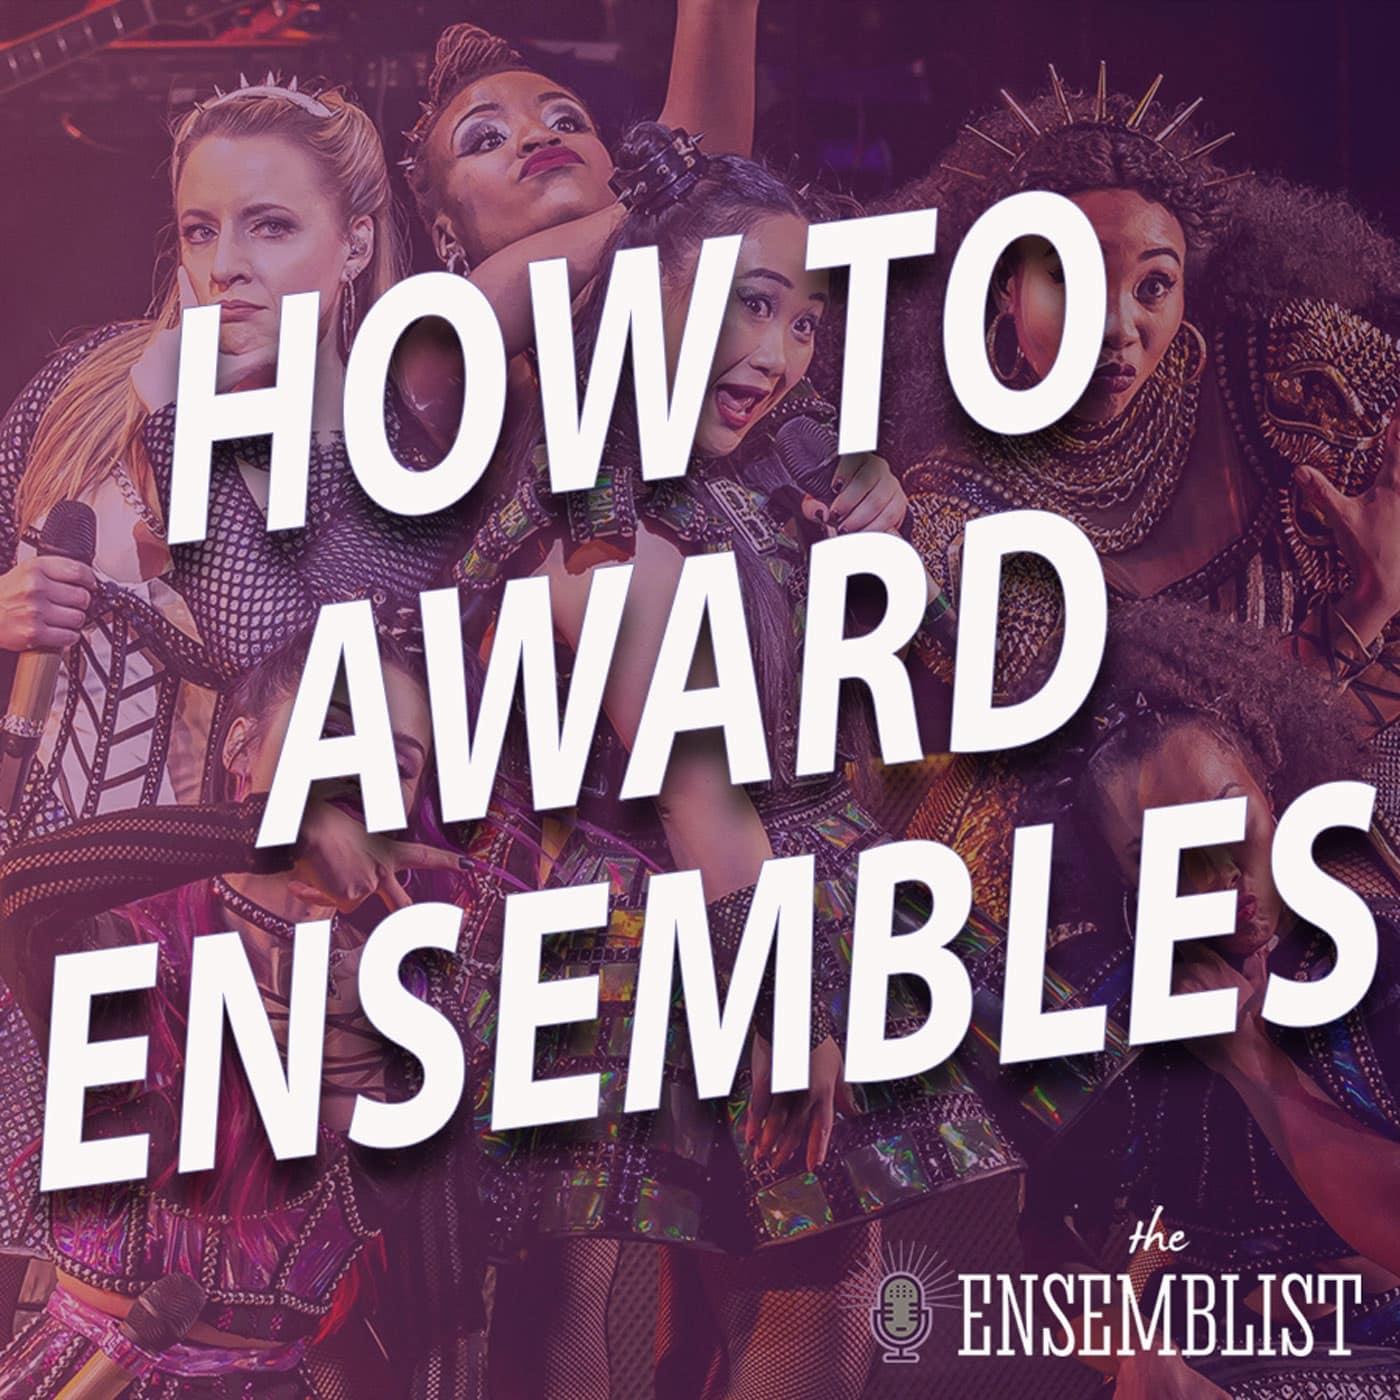 #501 - How to Award Ensembles